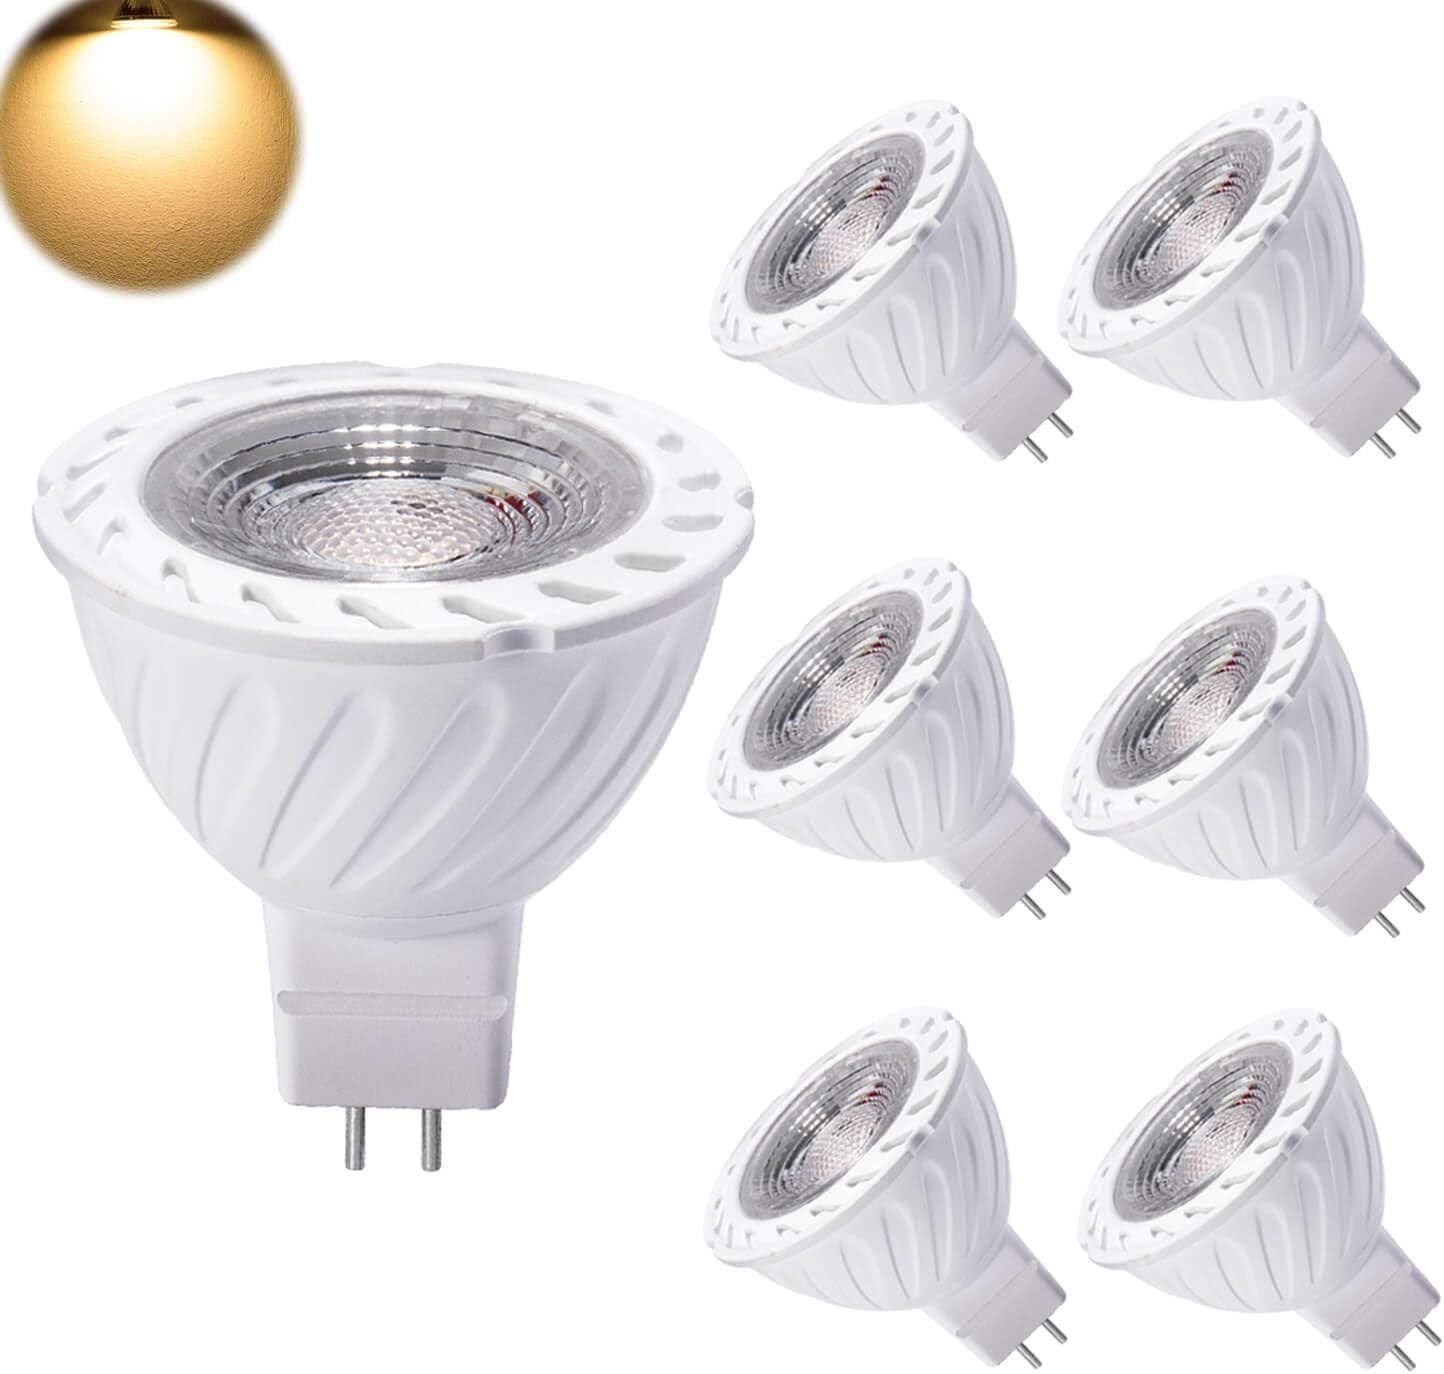 Yafido 6er MR16 LED Leuchtmittel GU5.3 Warmweiß 12V 7W